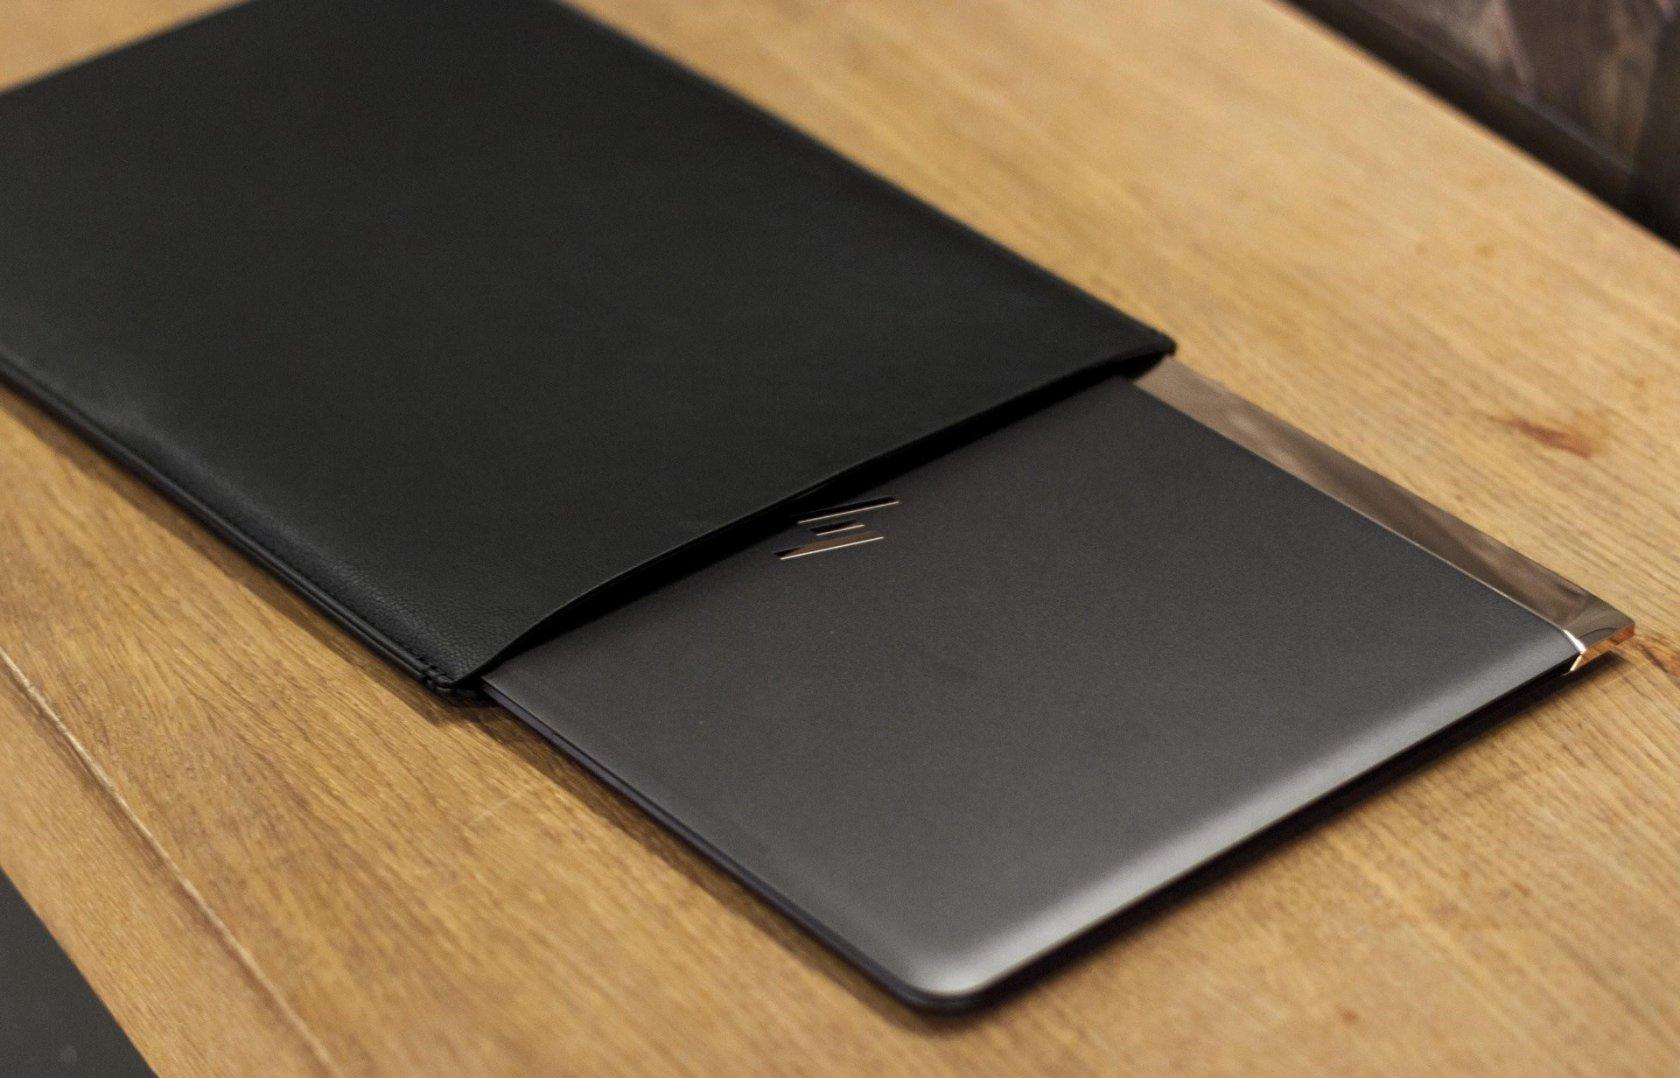 Технологии и дизайн в одном устройстве. Ноутбук HP Spectre 13 - 29